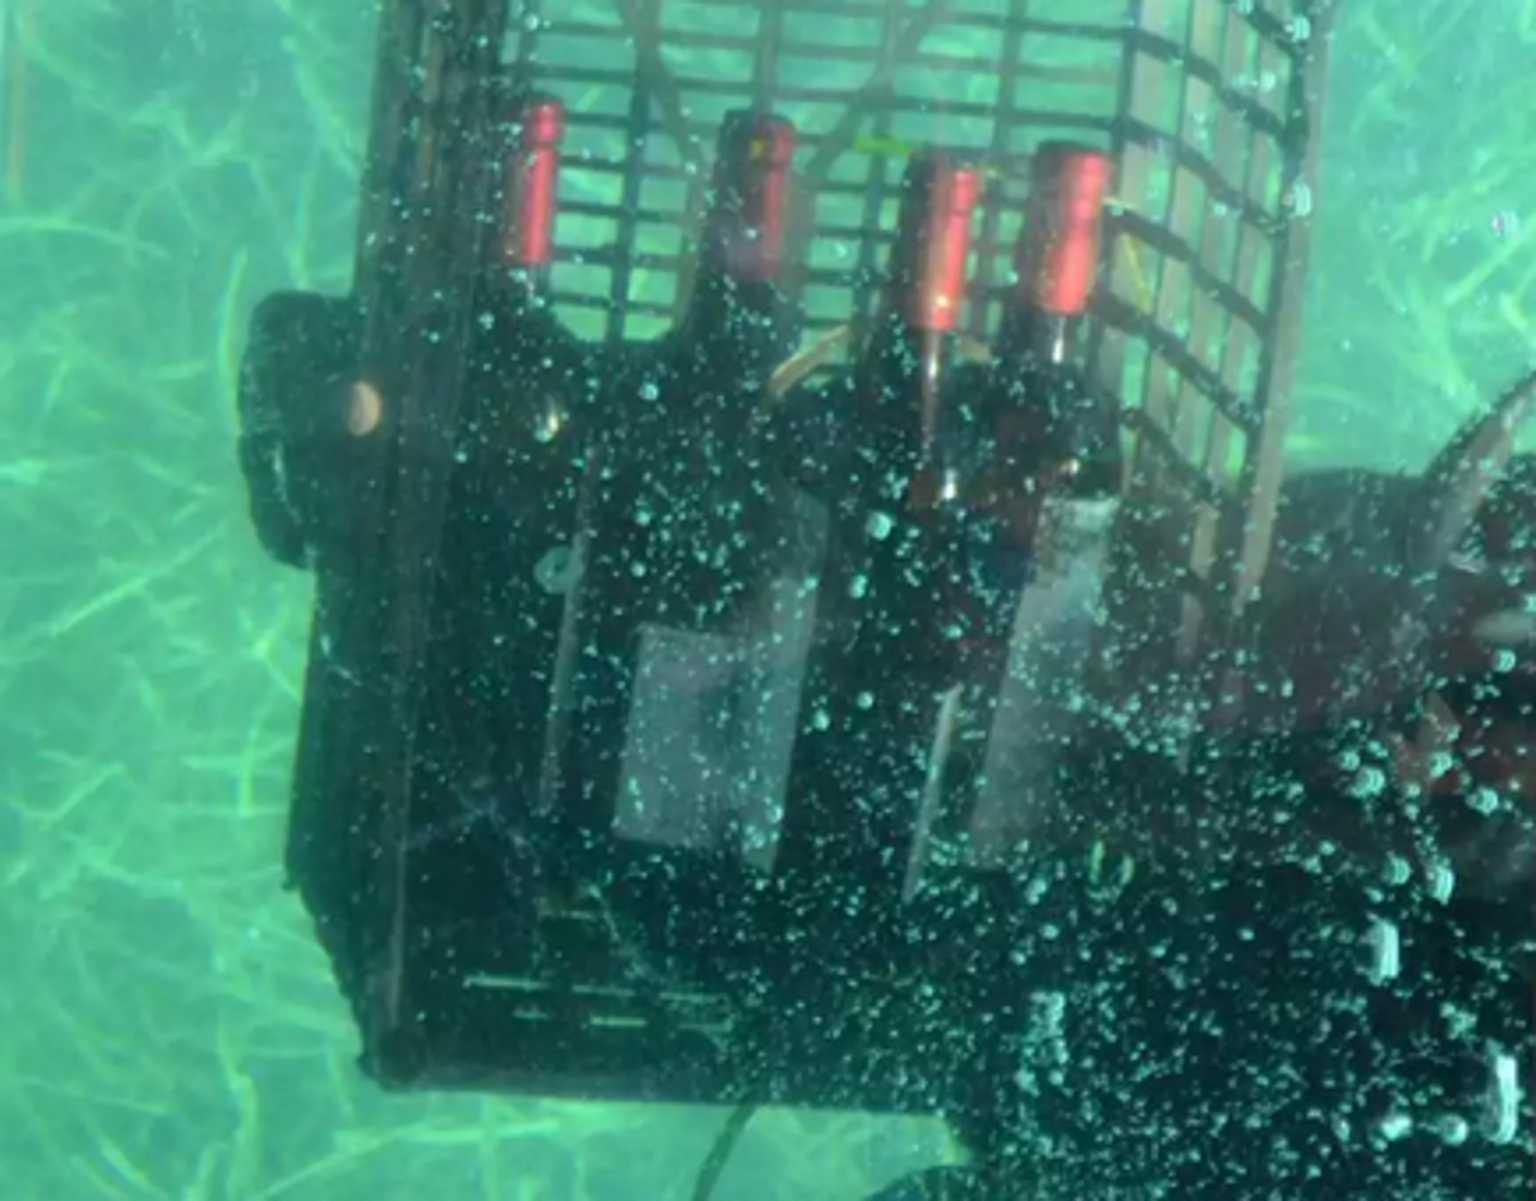 Άγιο Όρος: Αυτό είναι το κρασί που μένει 12 μήνες στο βυθό της θάλασσας – «Βροχή» οι παραγγελίες